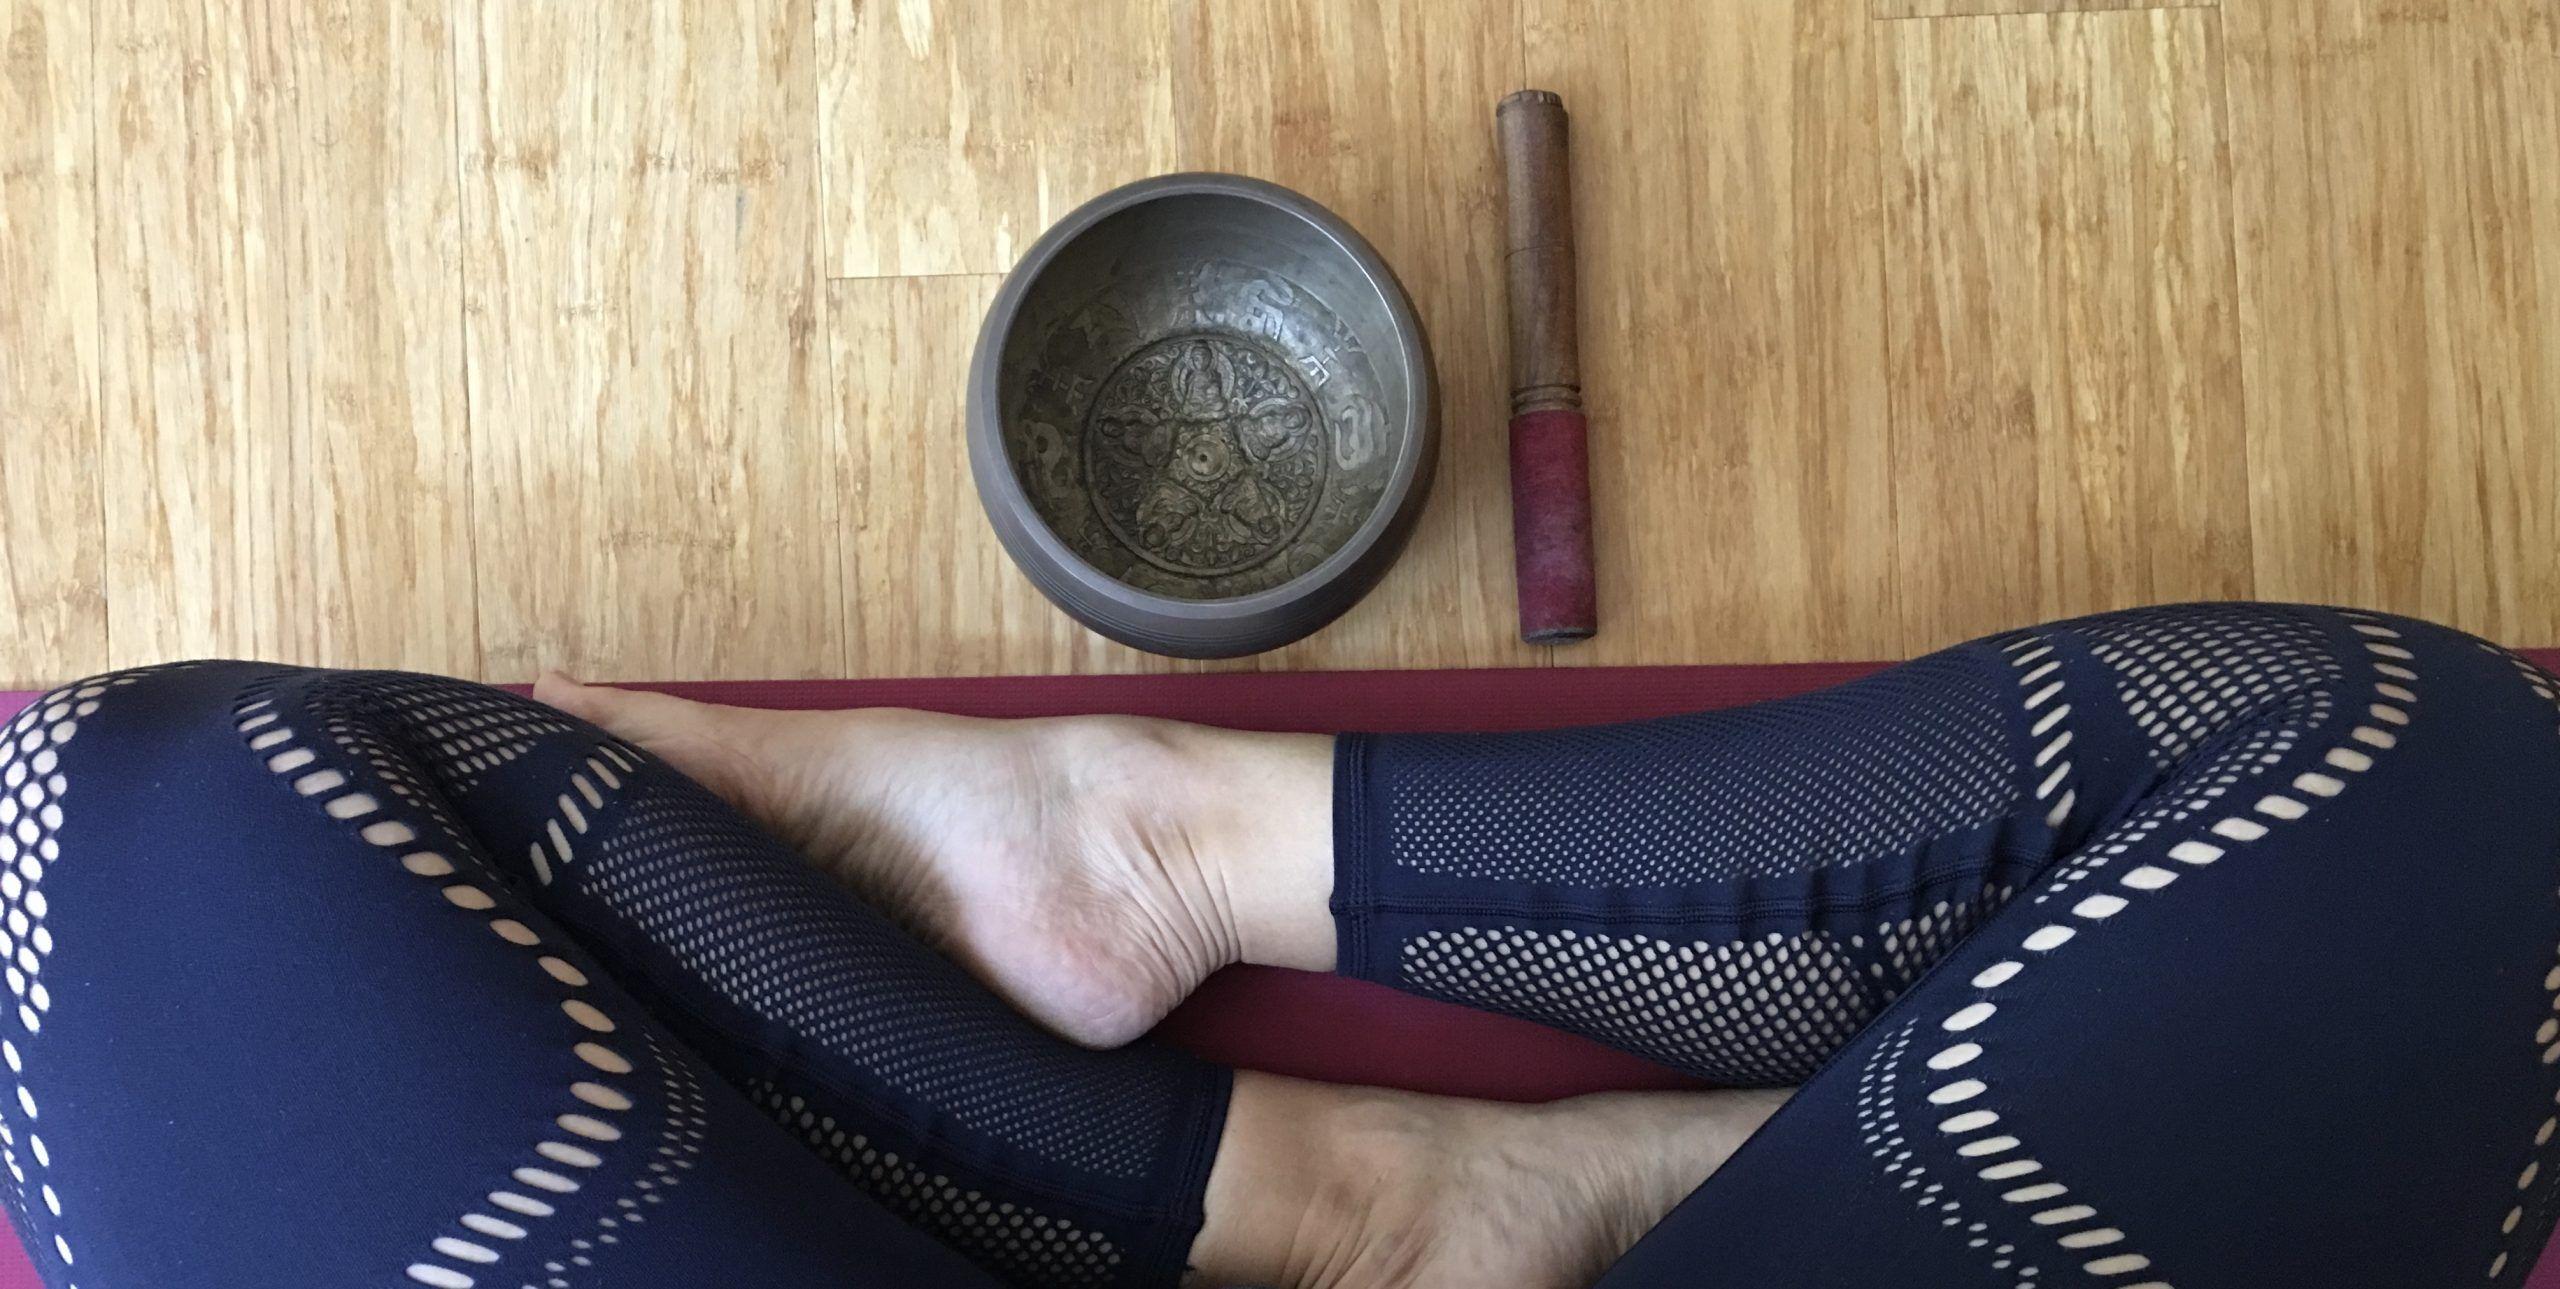 Yoga leggings and singing bowl in cross legged seat